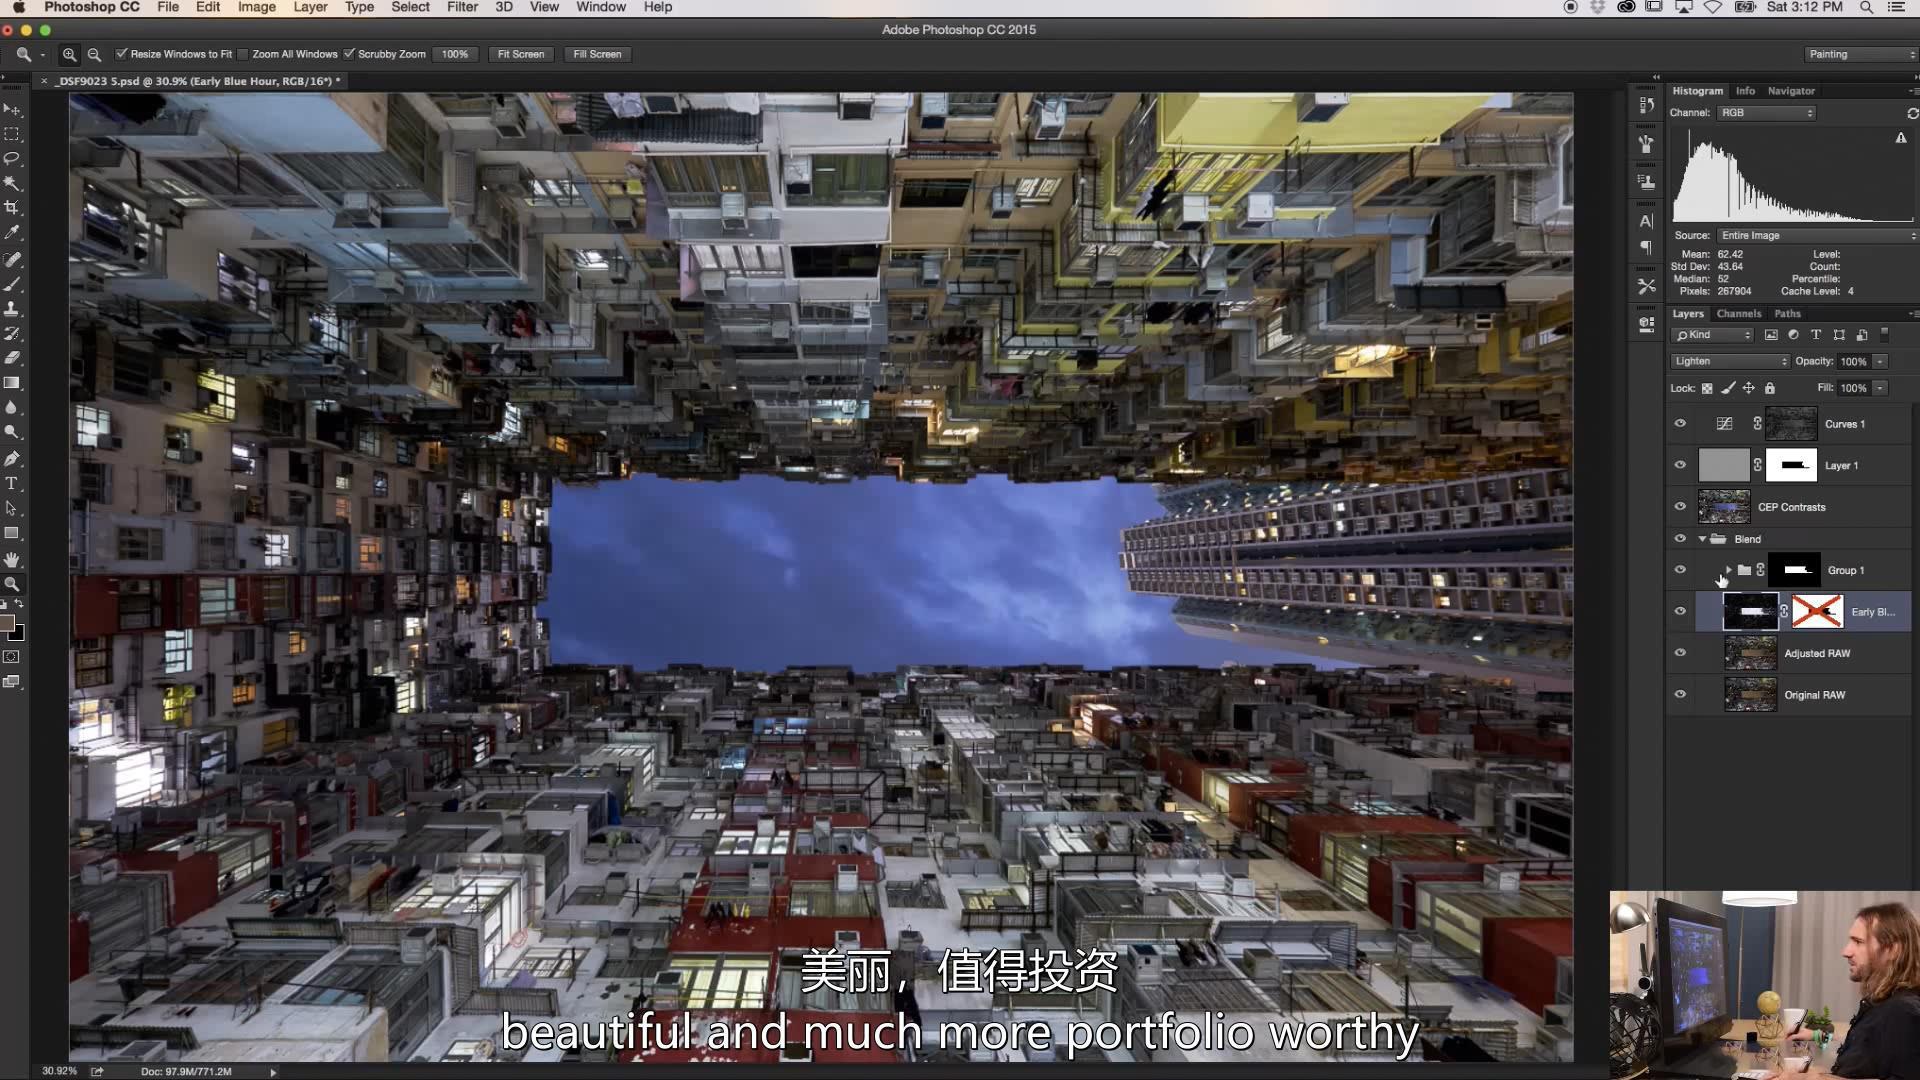 摄影教程_Fstoppers-Elia Locardi世界城市景观星轨风光摄影及后期-中英字幕 摄影教程 _预览图39